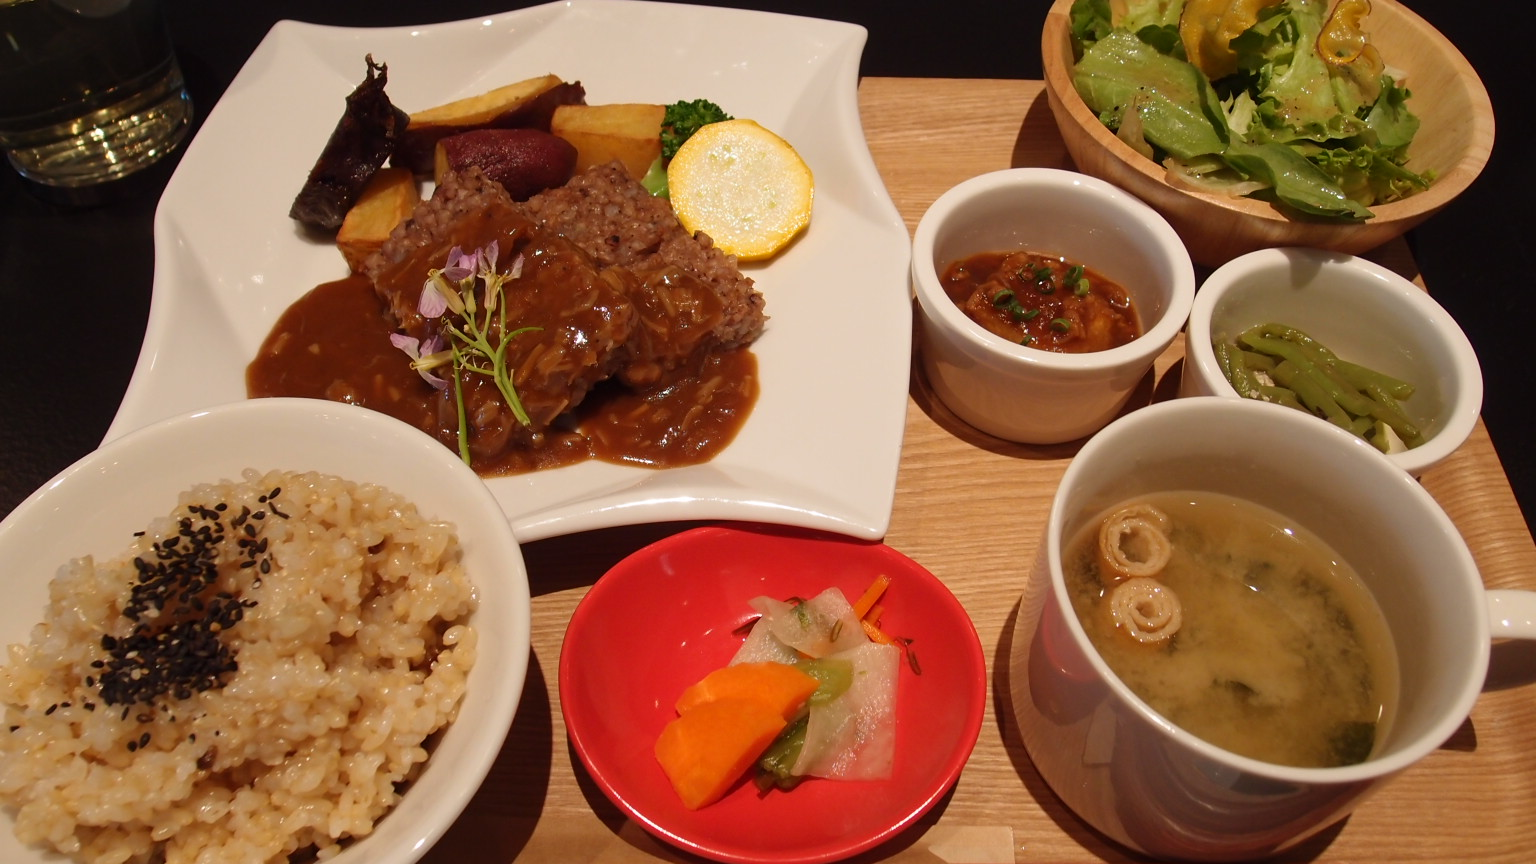 銀座 HAKOBUNE PLATINUM@ベルビア館 タカキビと大豆のミートローフ